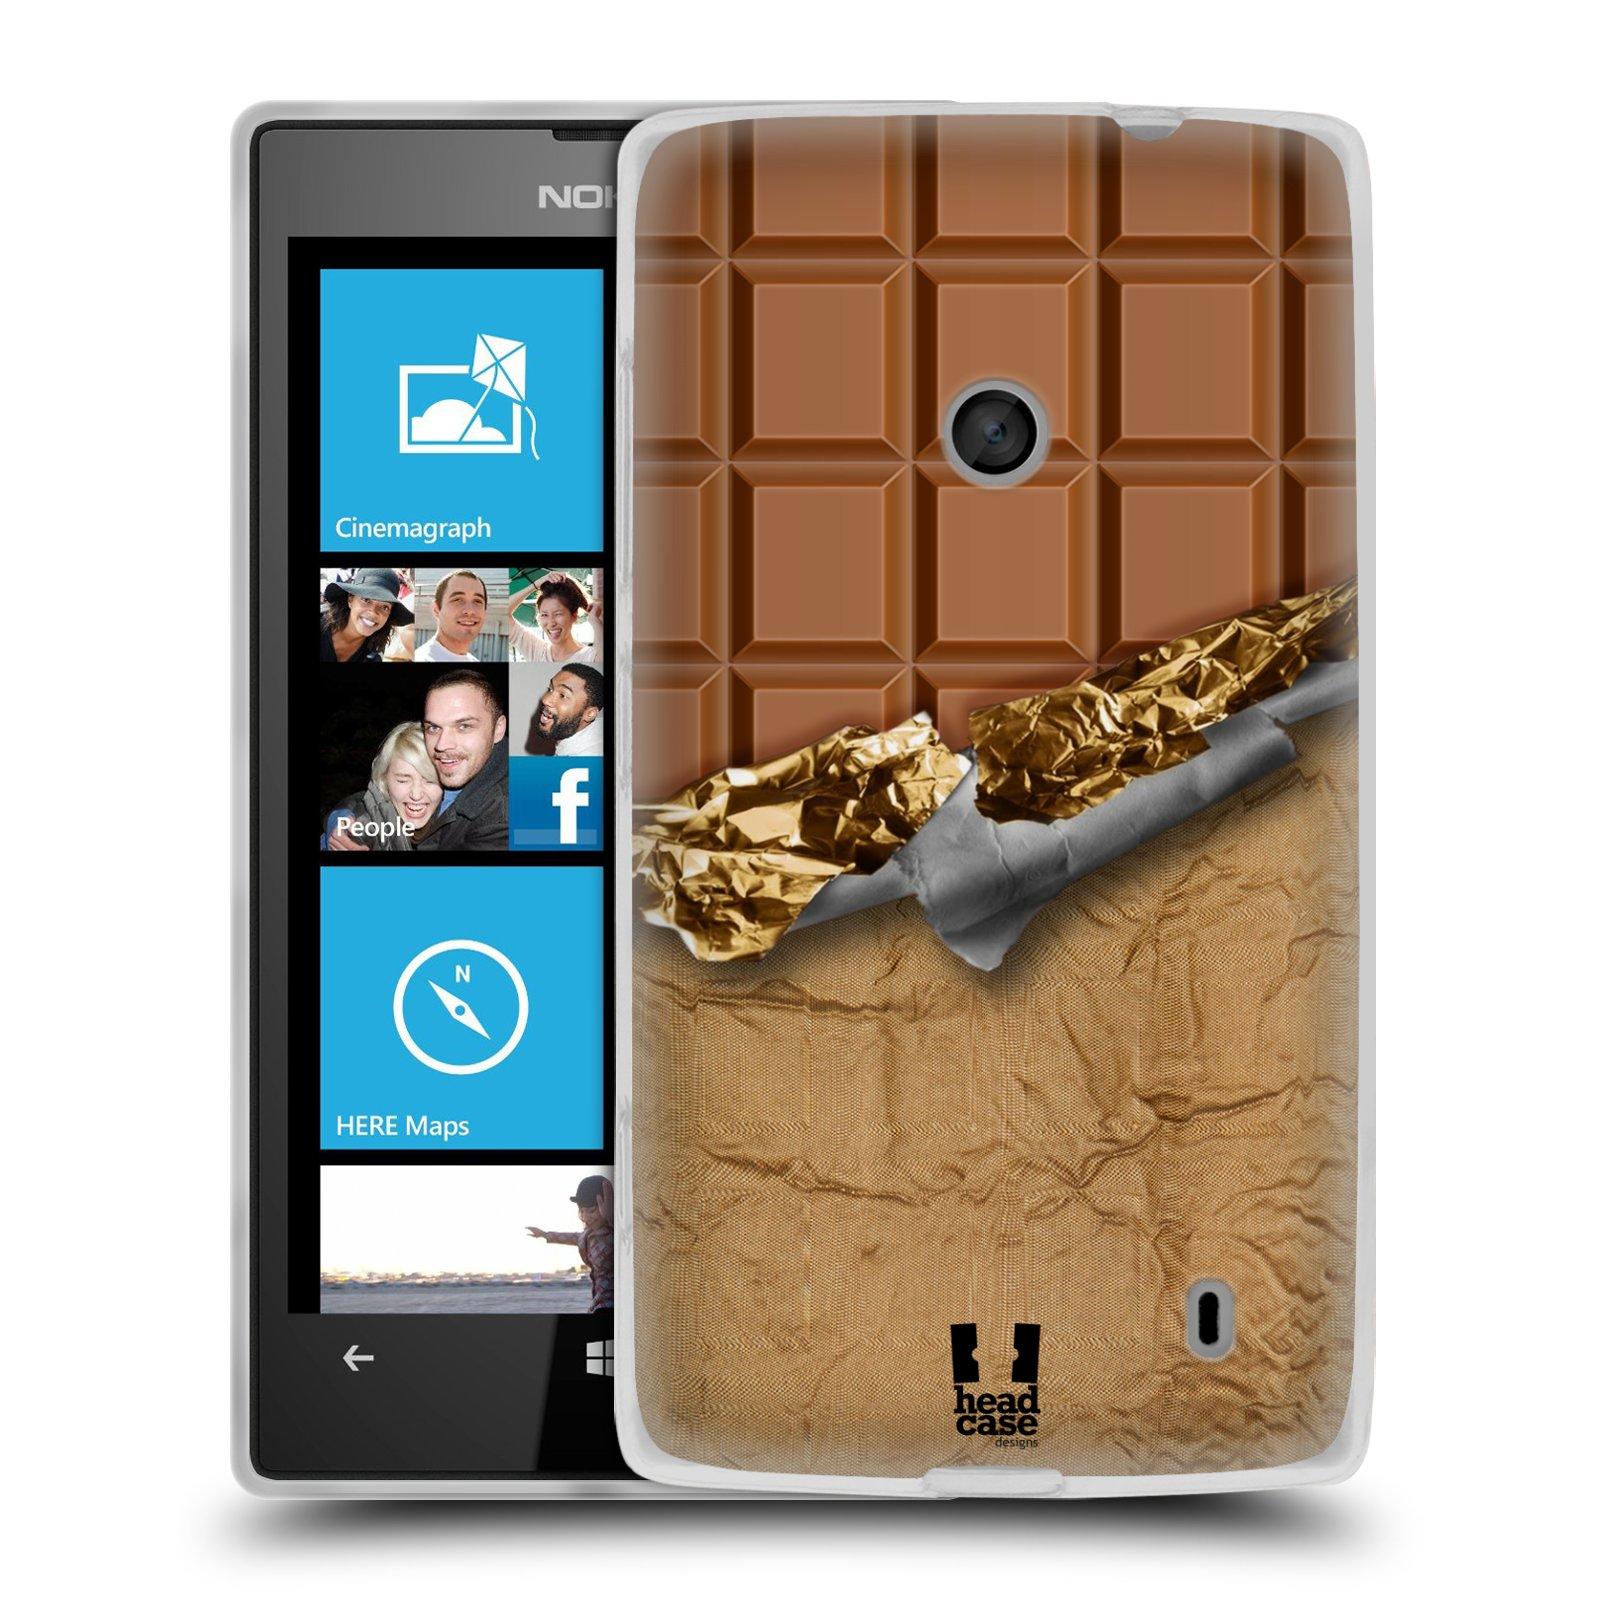 Silikonové pouzdro na mobil Nokia Lumia 520 HEAD CASE ČOKOFOILED (Silikonový Kryt či obal na mobilní telefon Nokia Lumia 520)